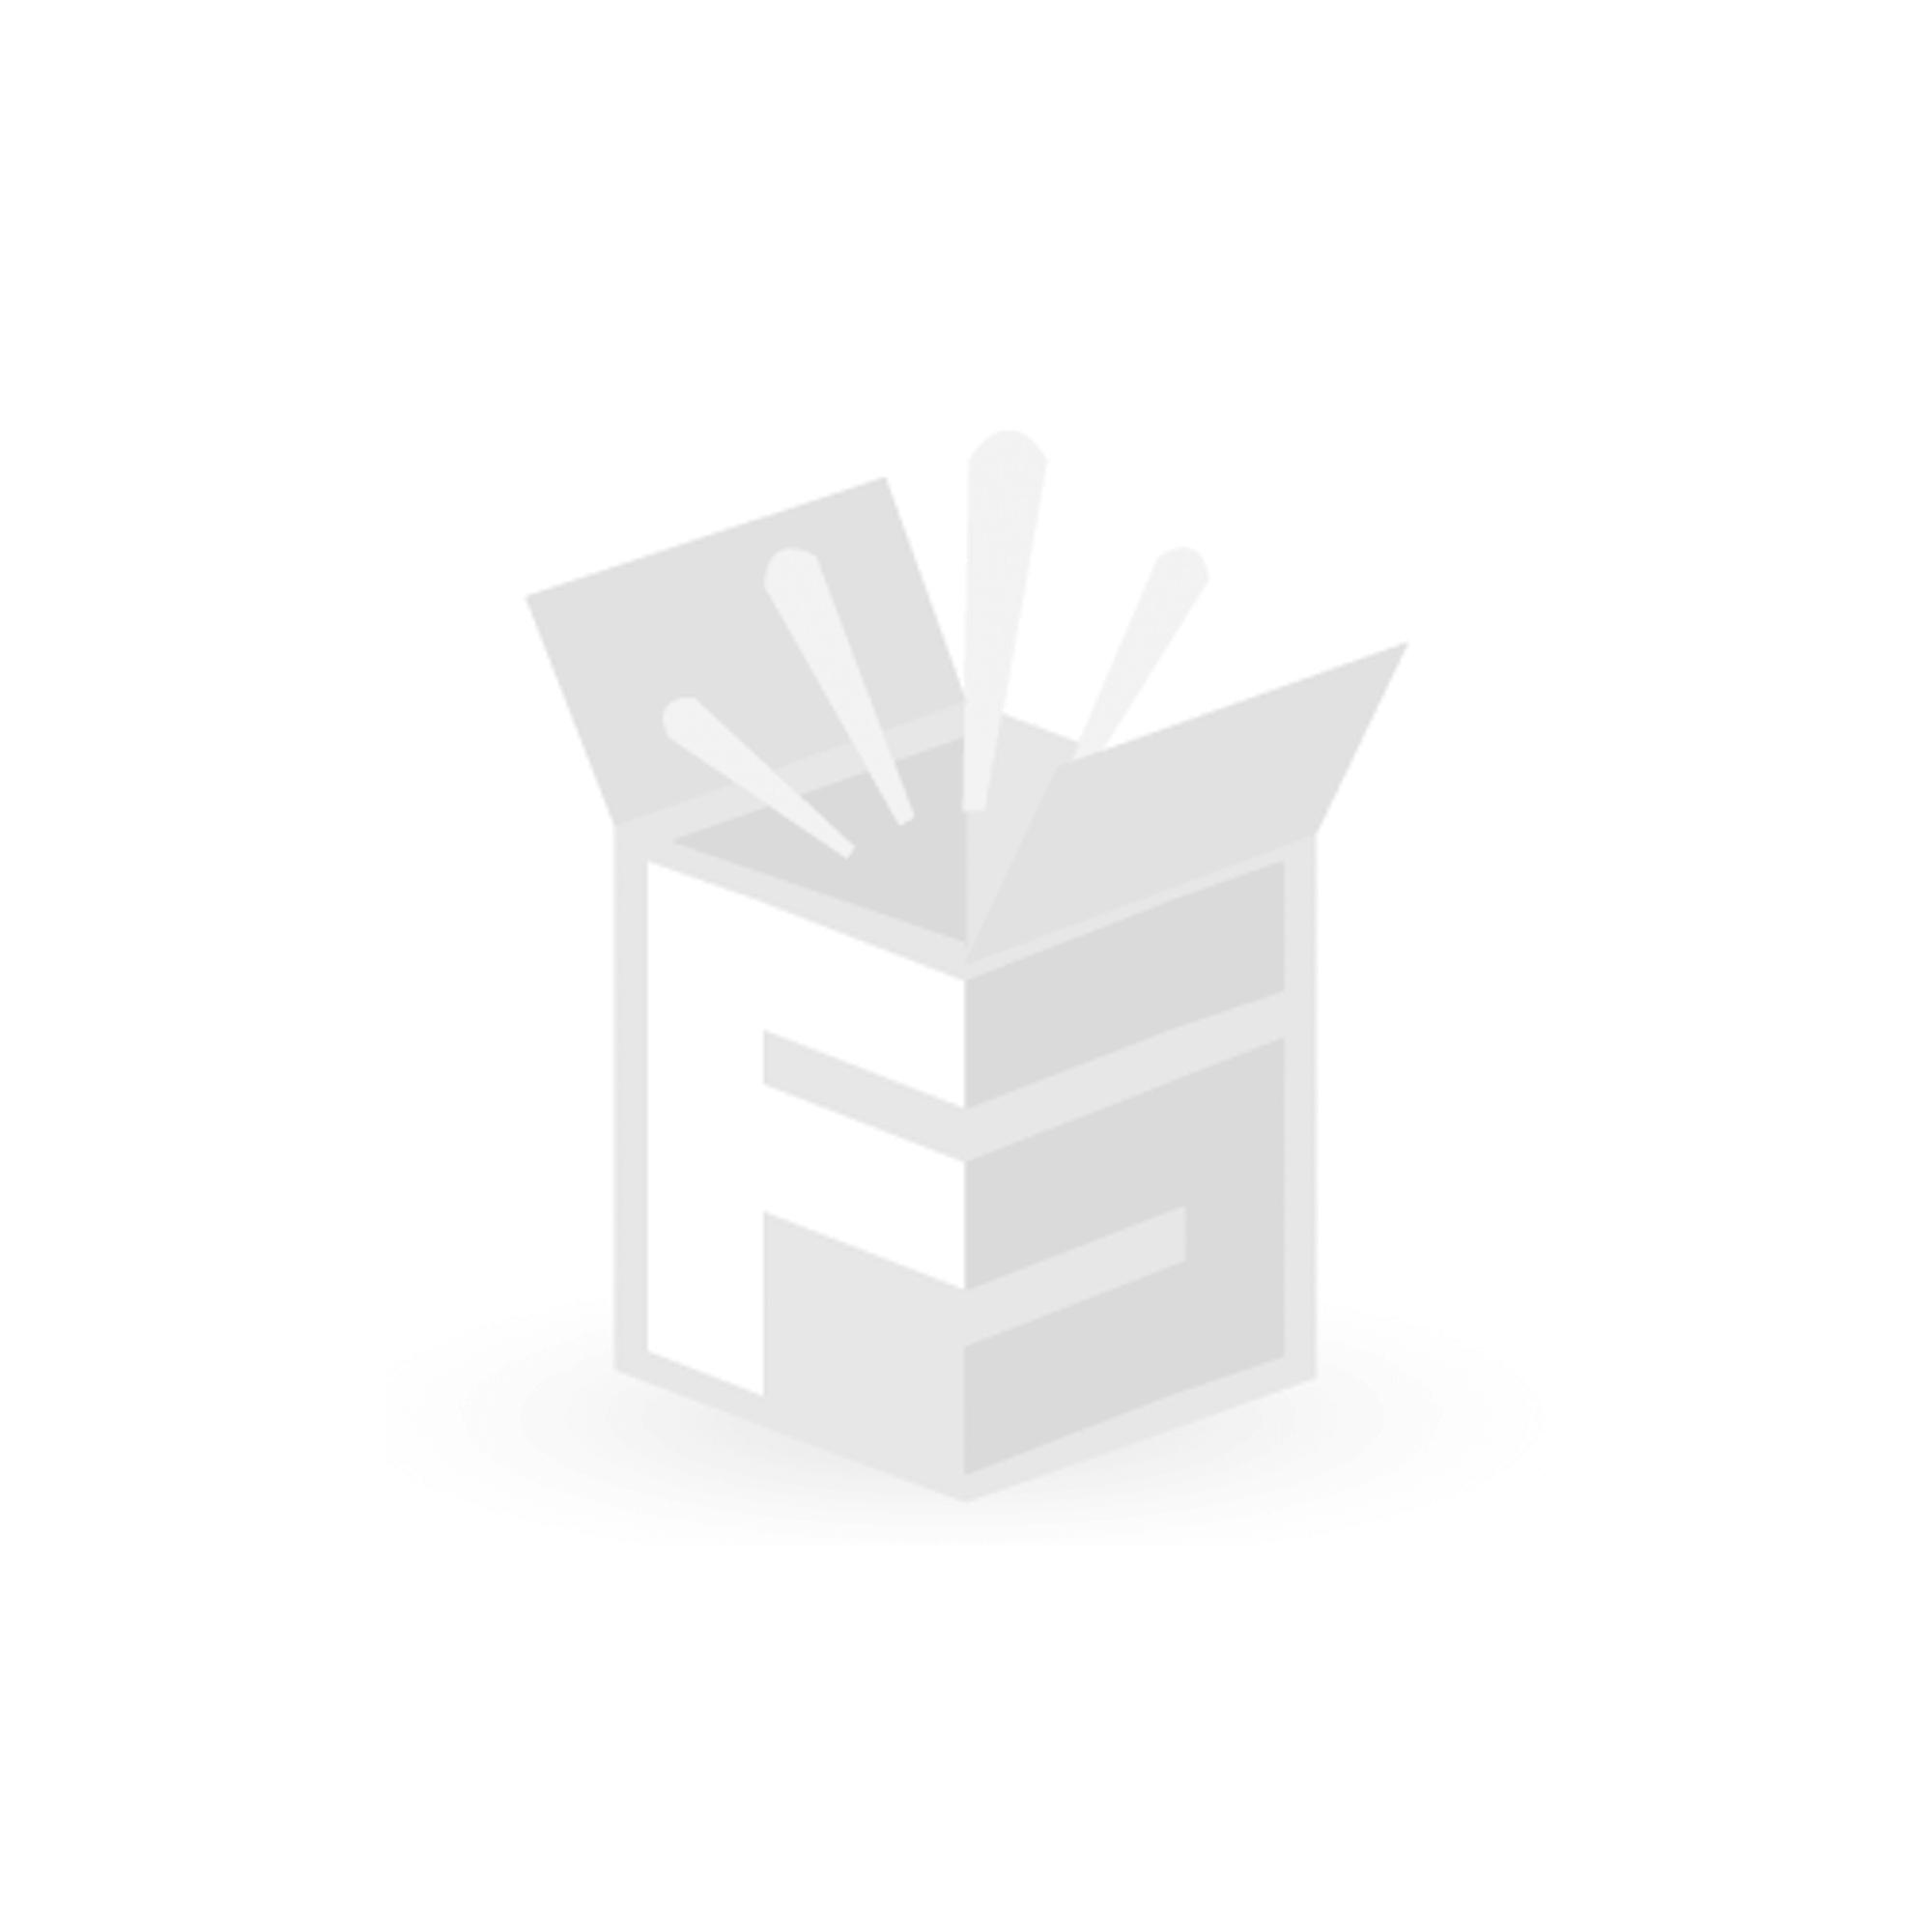 bosch bohrer set x line 30 teilig titanium. Black Bedroom Furniture Sets. Home Design Ideas